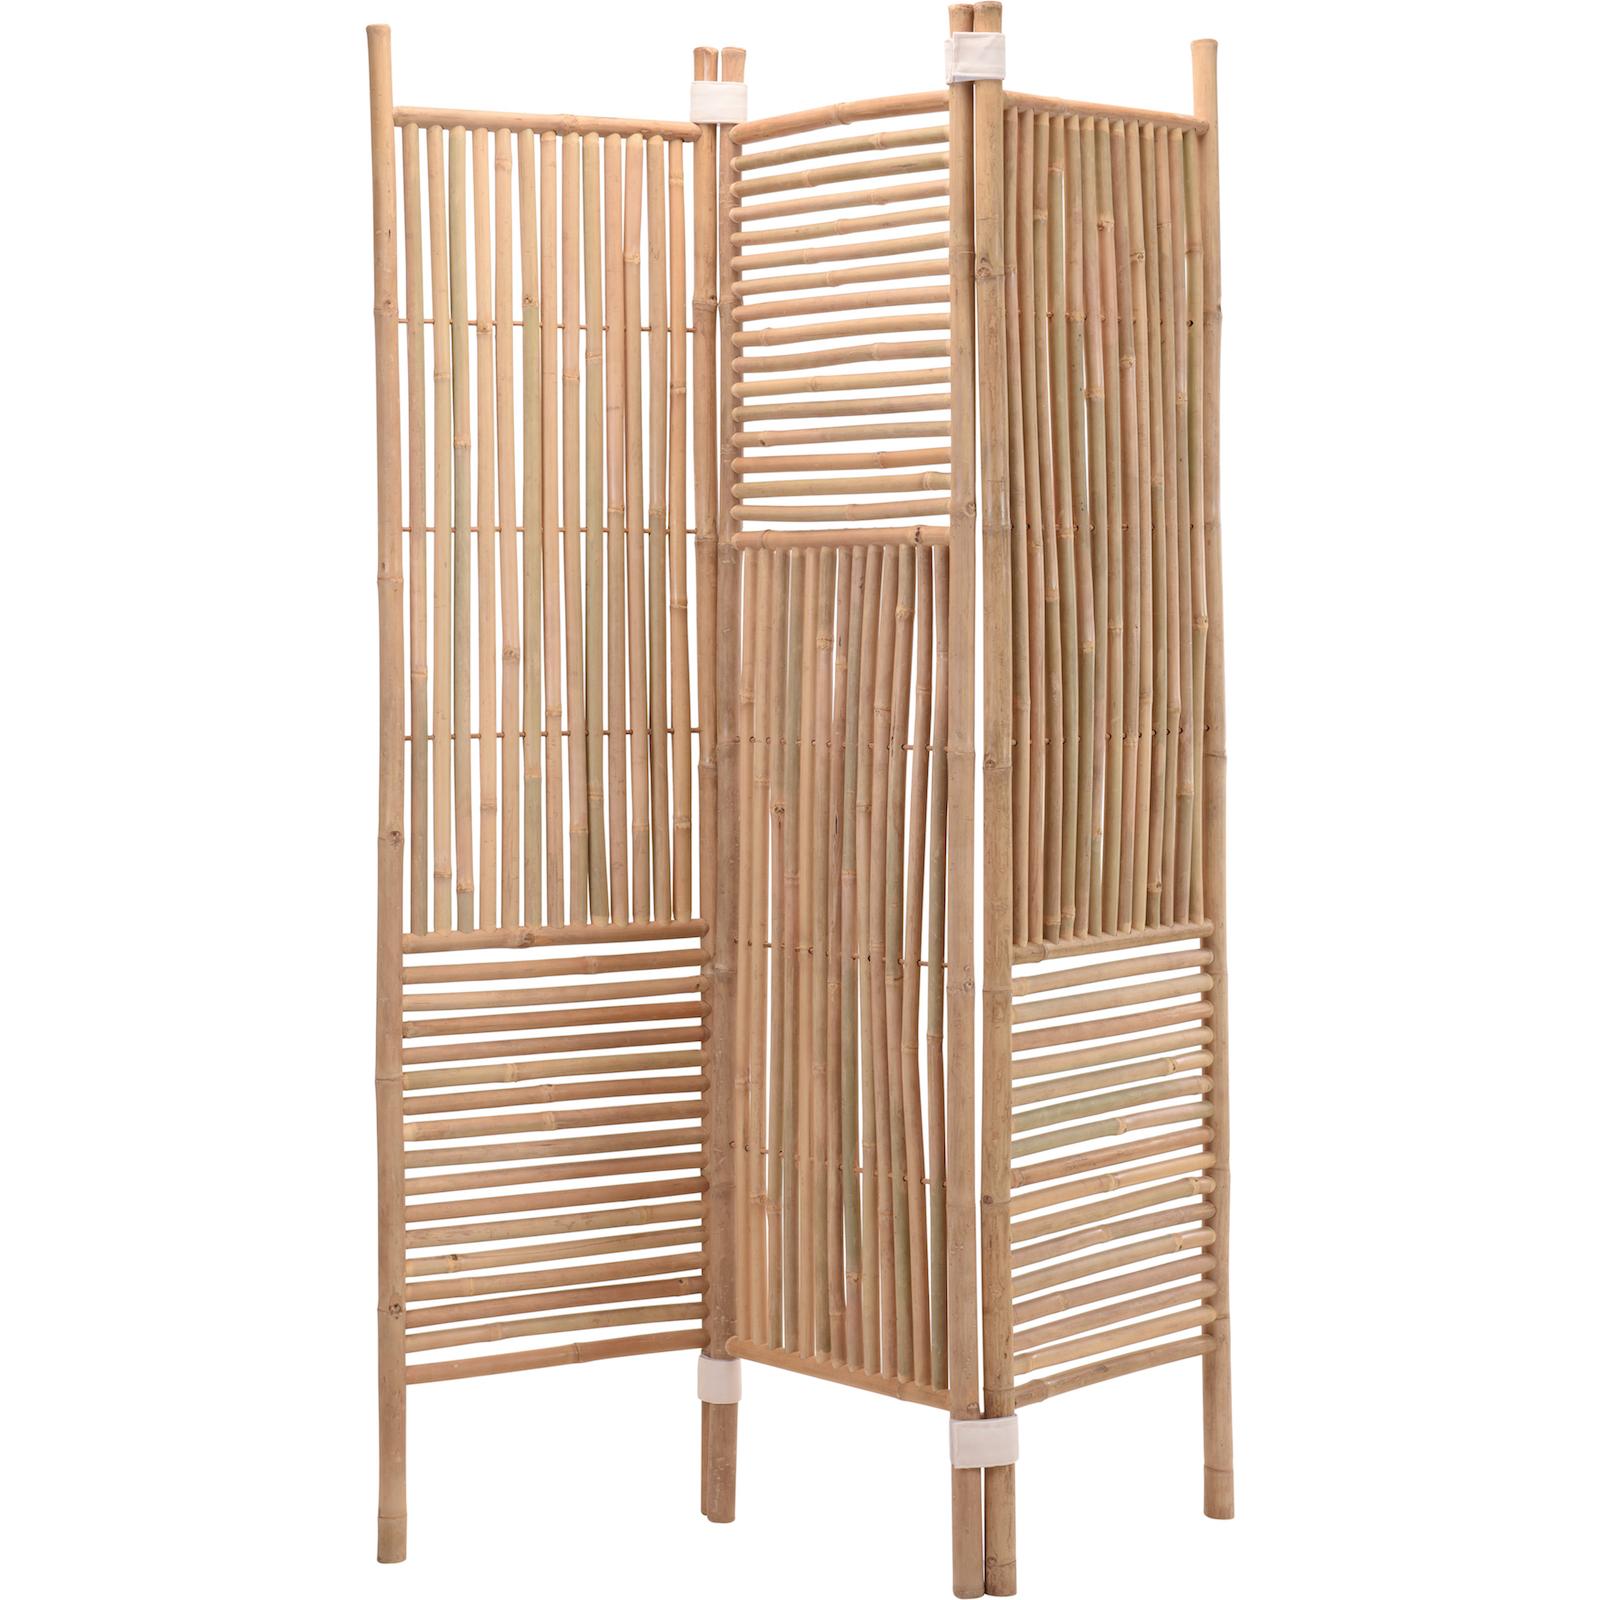 paravent wandschirm sichtschutz 130 x 180 cm klappbar bambus